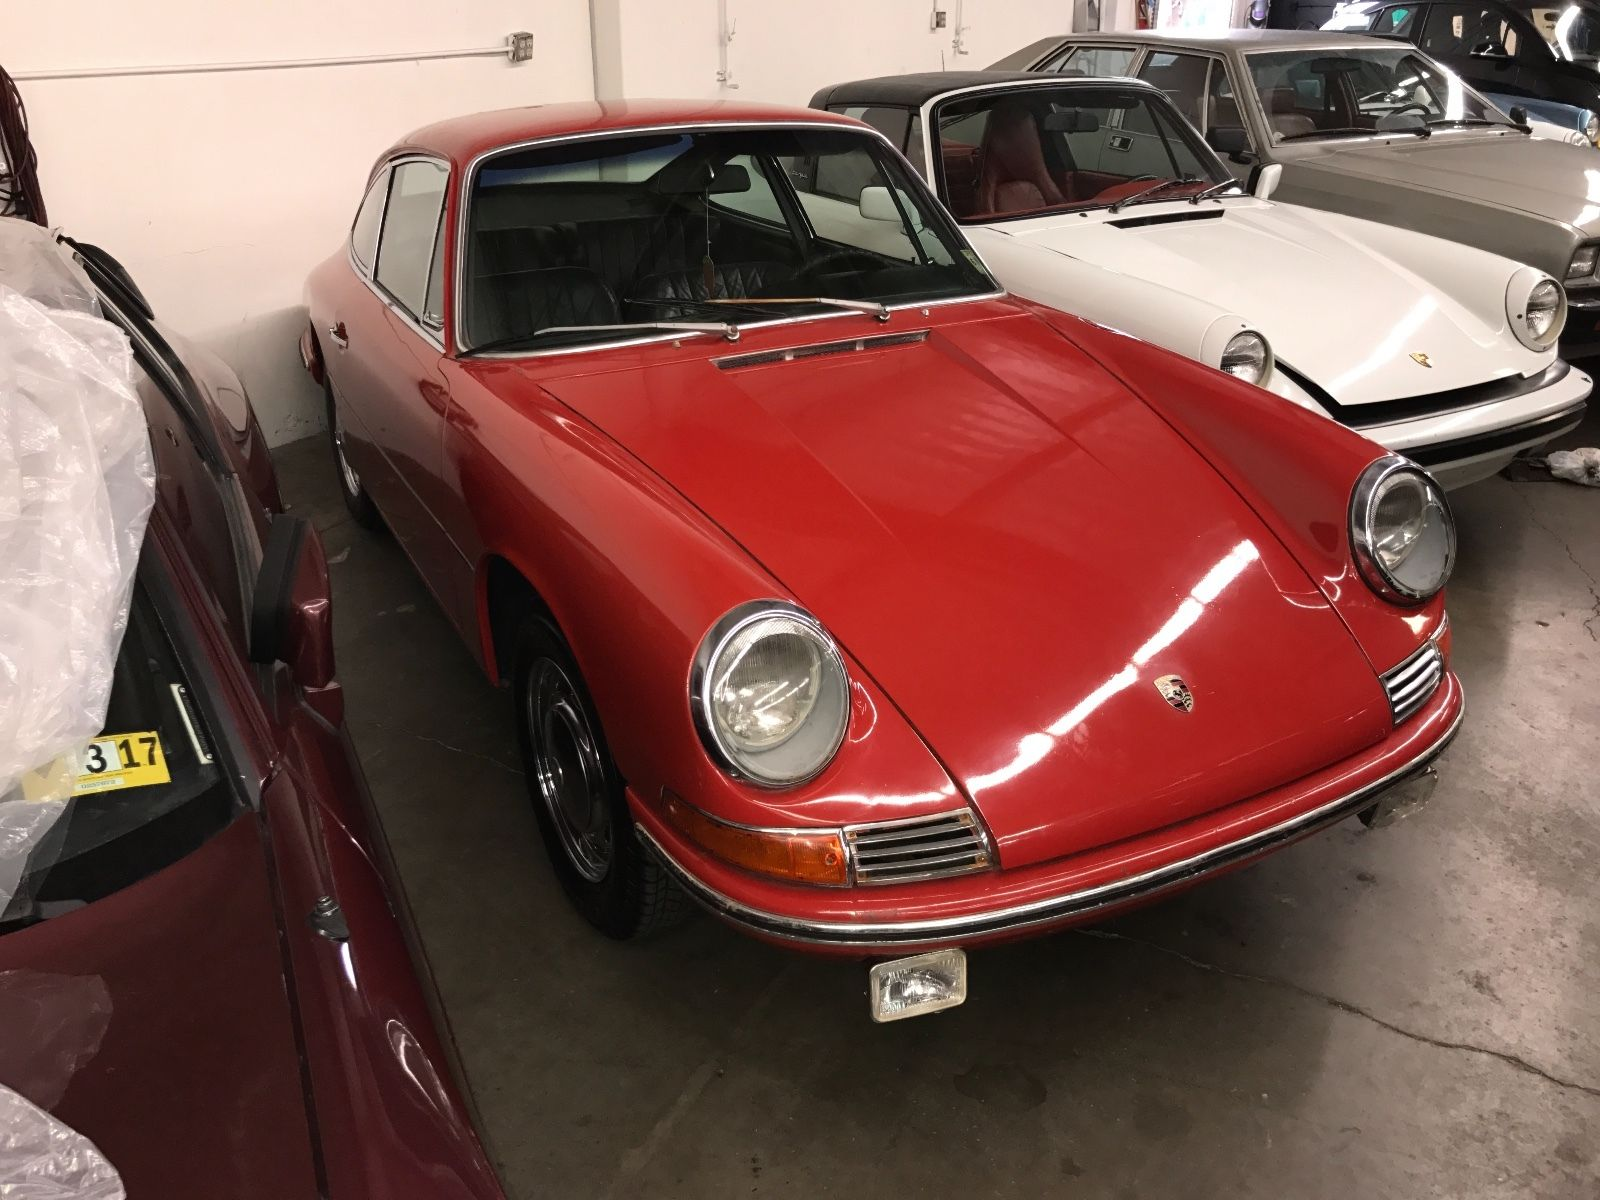 Porsche 911 1965 barn find (1)